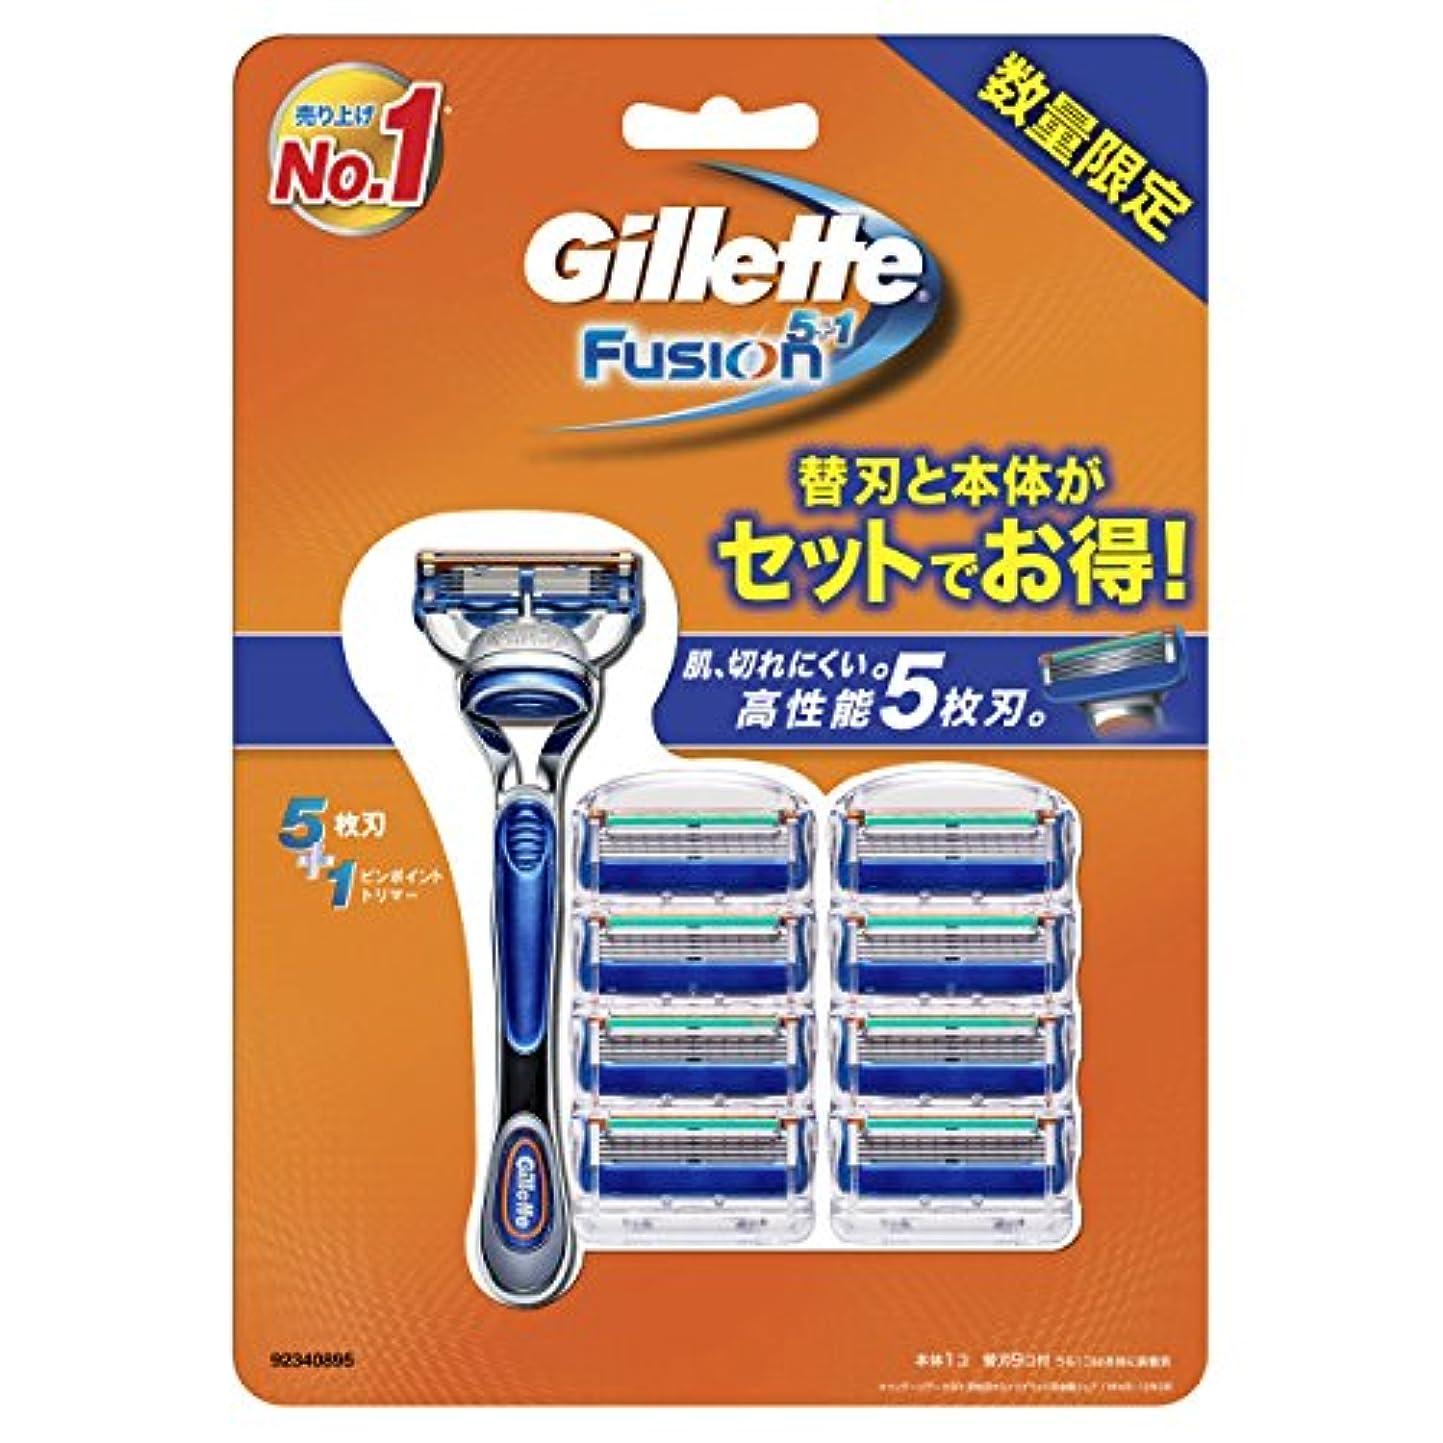 結核プラスチック信頼できるジレット フュージョン5+1 マニュアル 髭剃り 単品 本体+替刃9個付